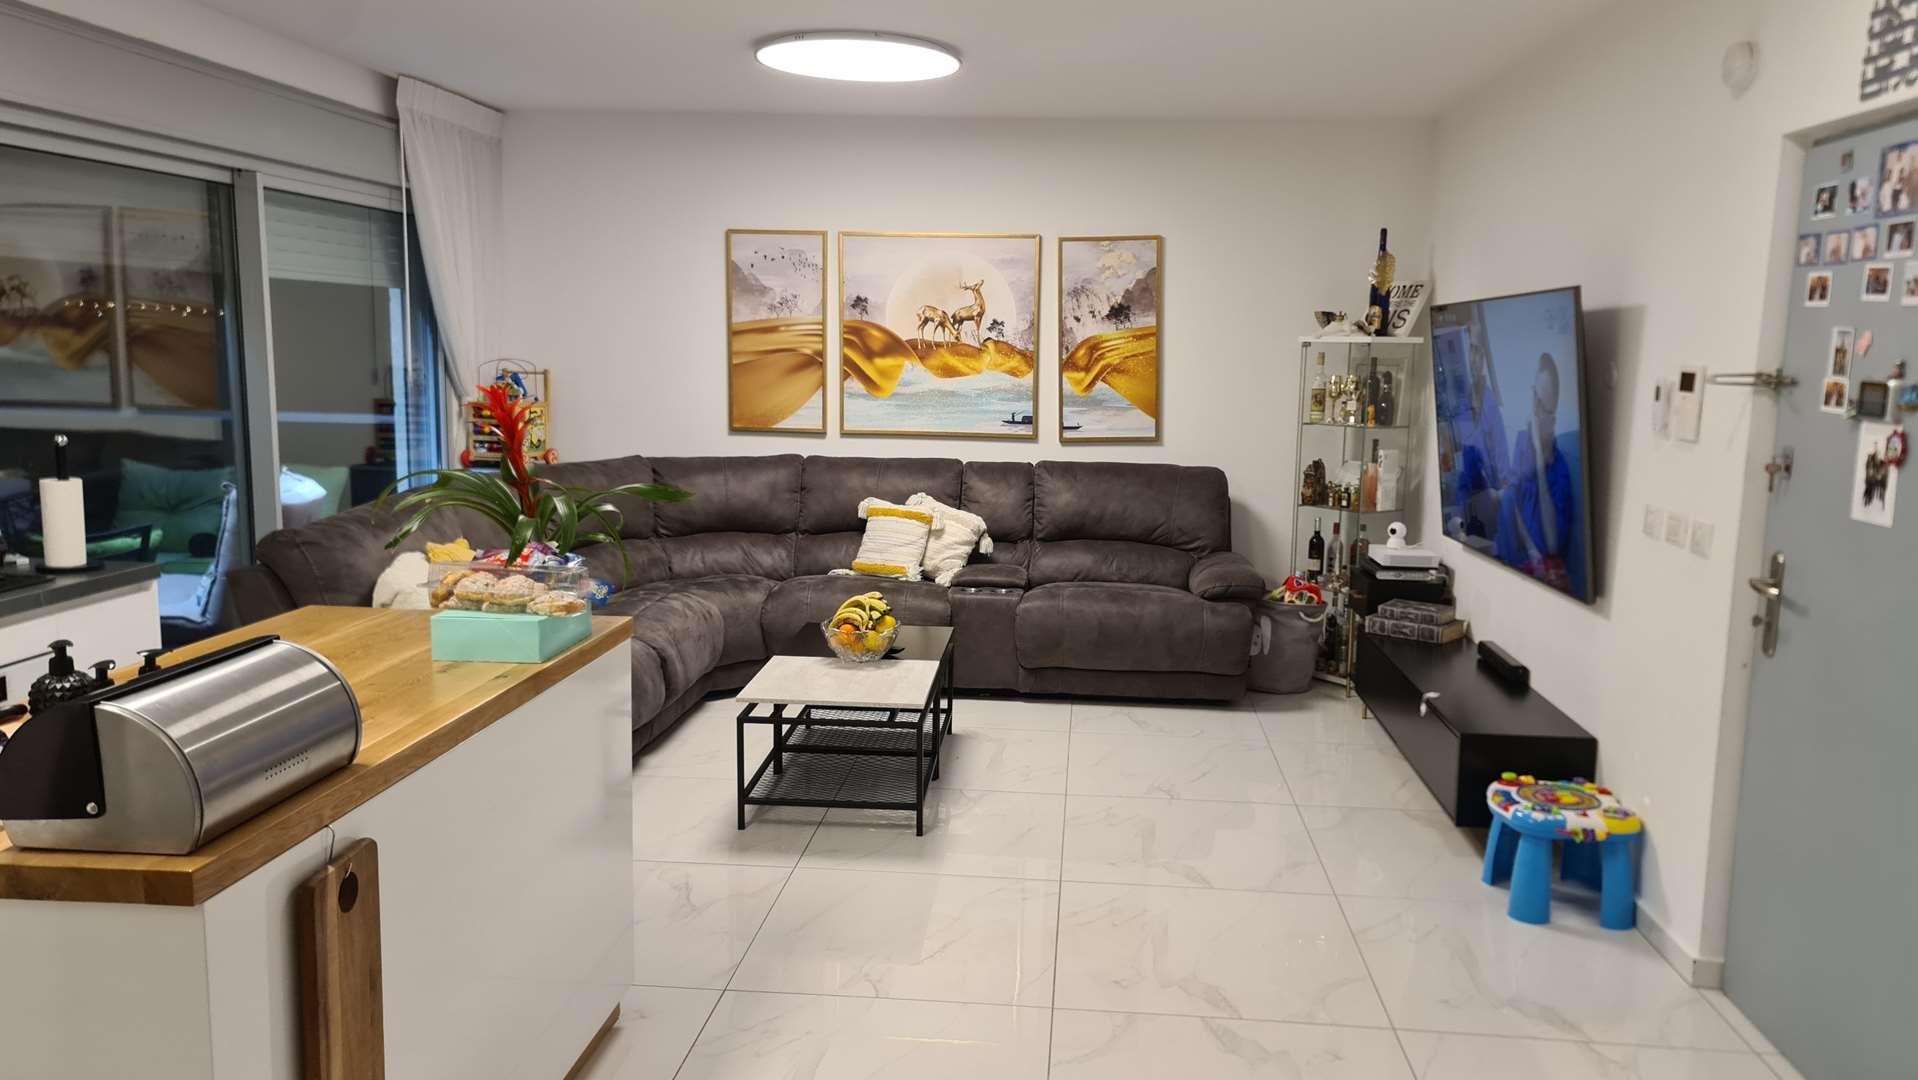 דירה למכירה 5 חדרים באשקלון עמק חפר 21